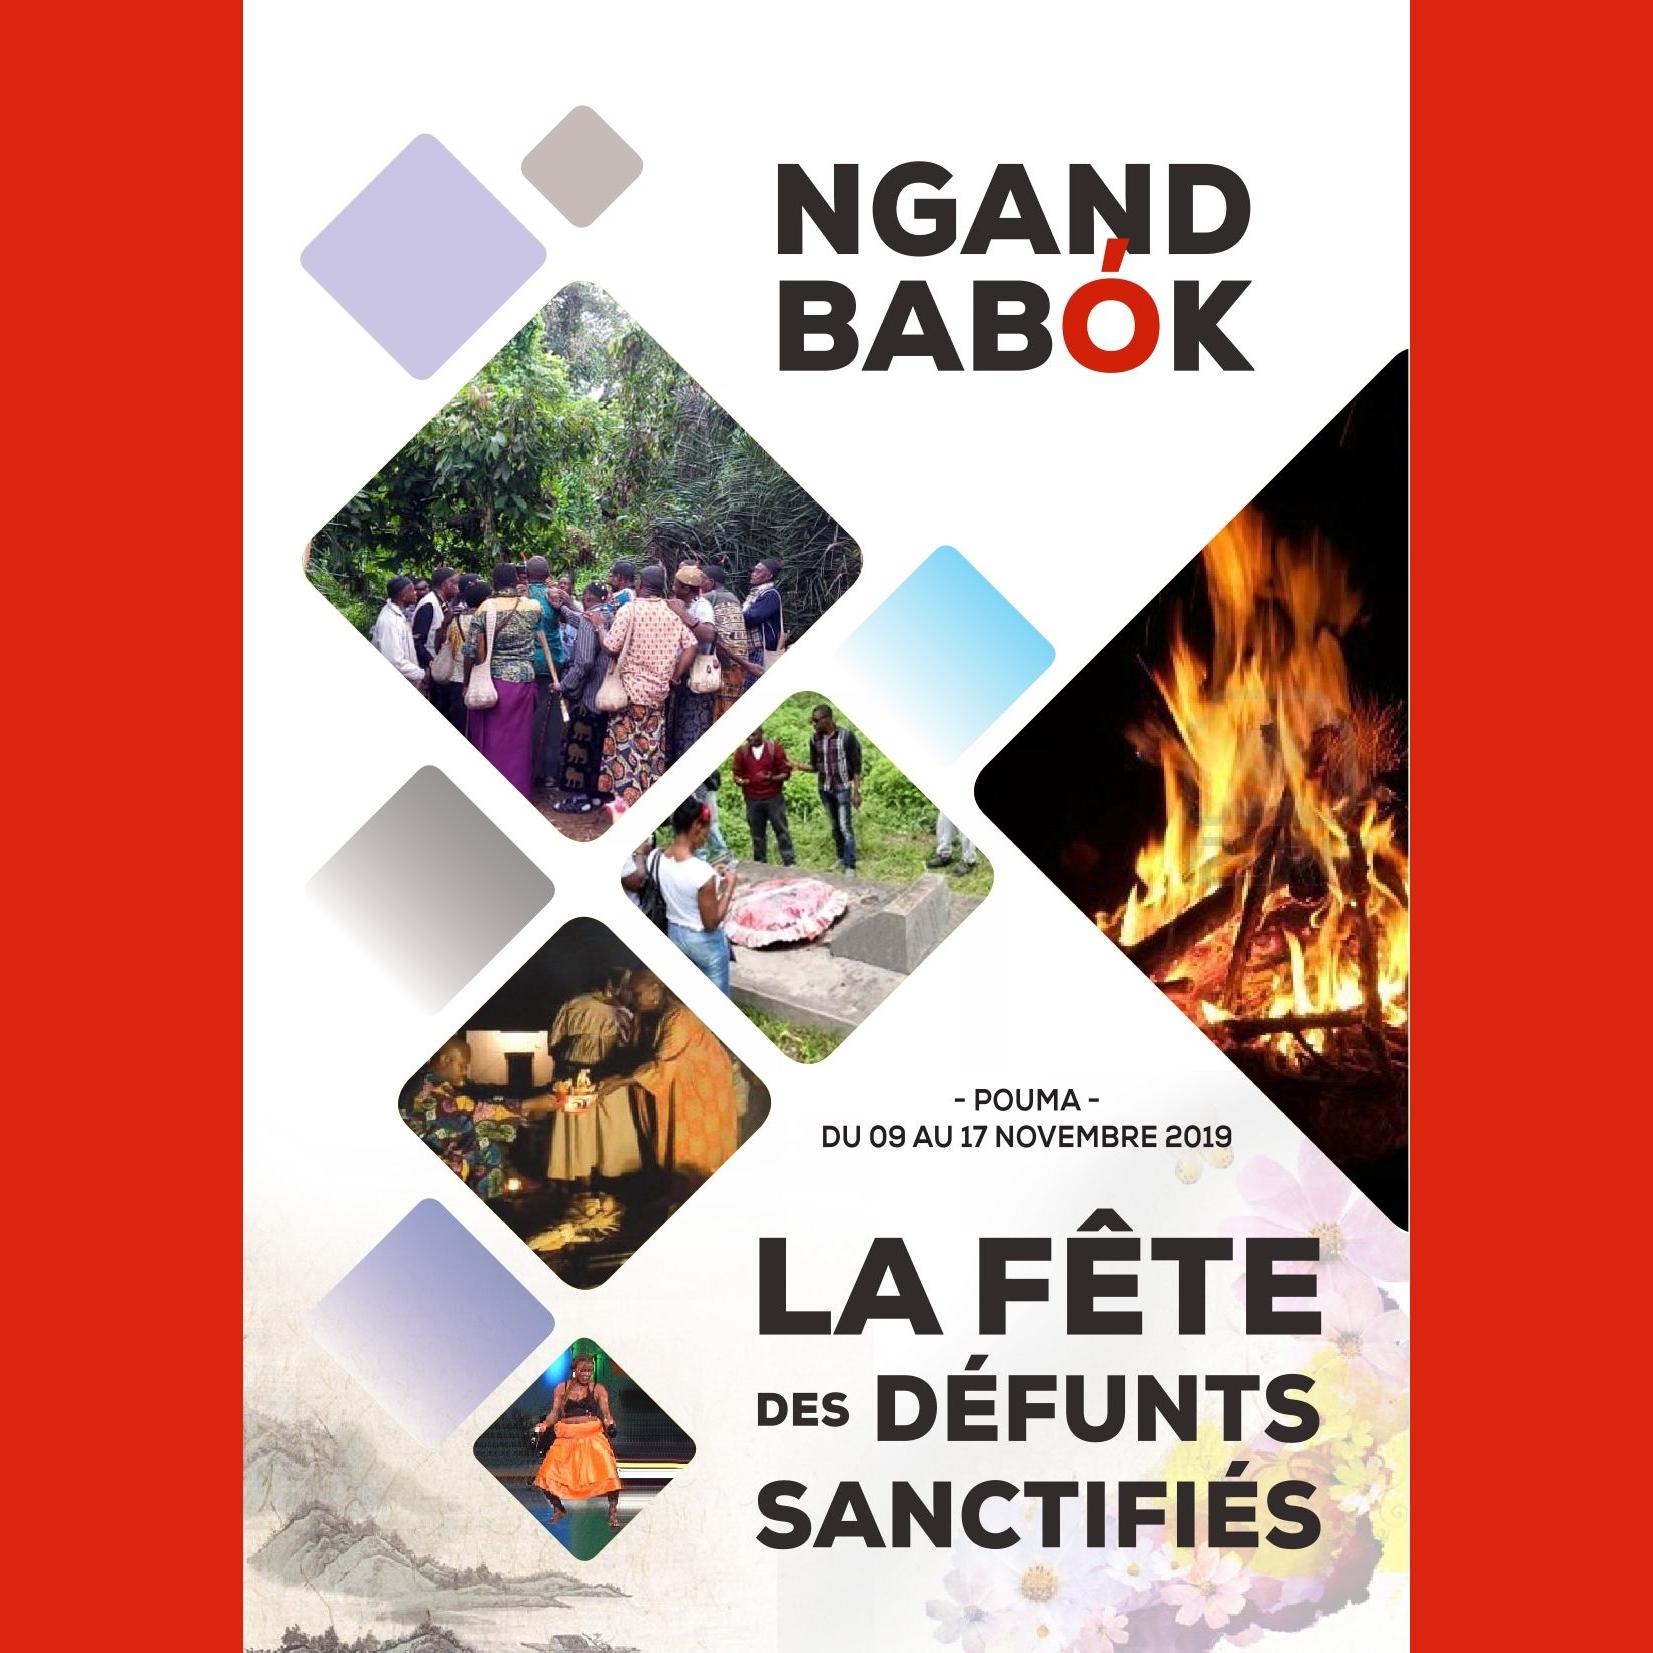 Ngand Babok, la fête des défunts sanctifiés : Les moments forts